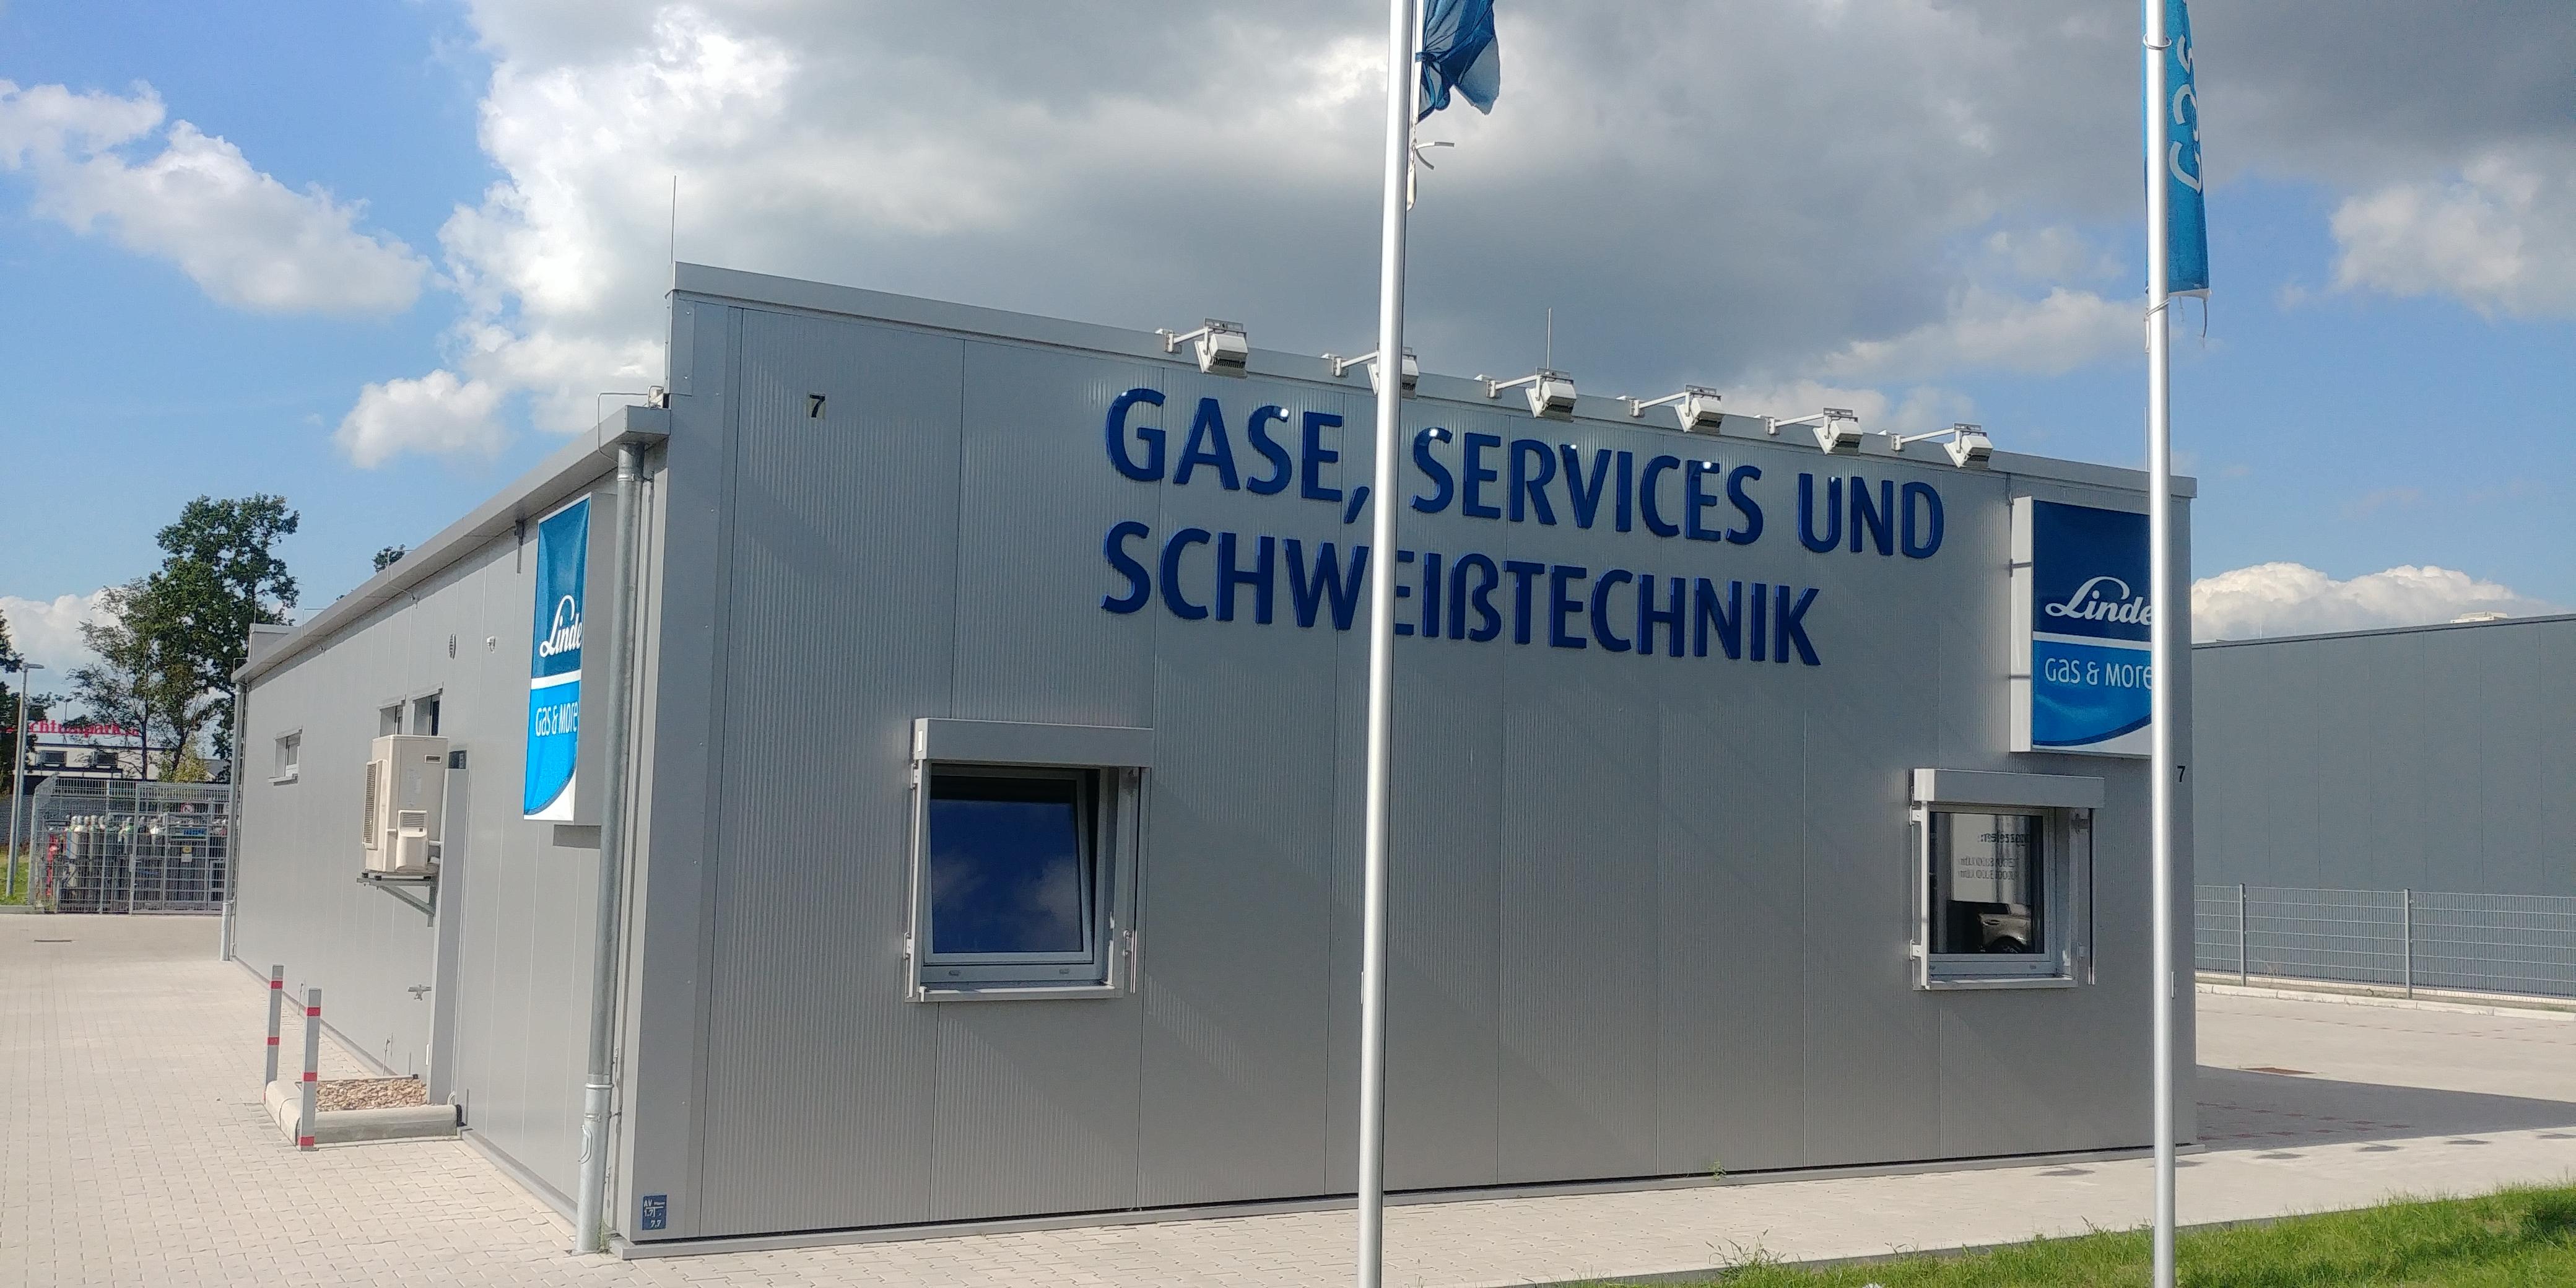 Linde Gas & More Bremen